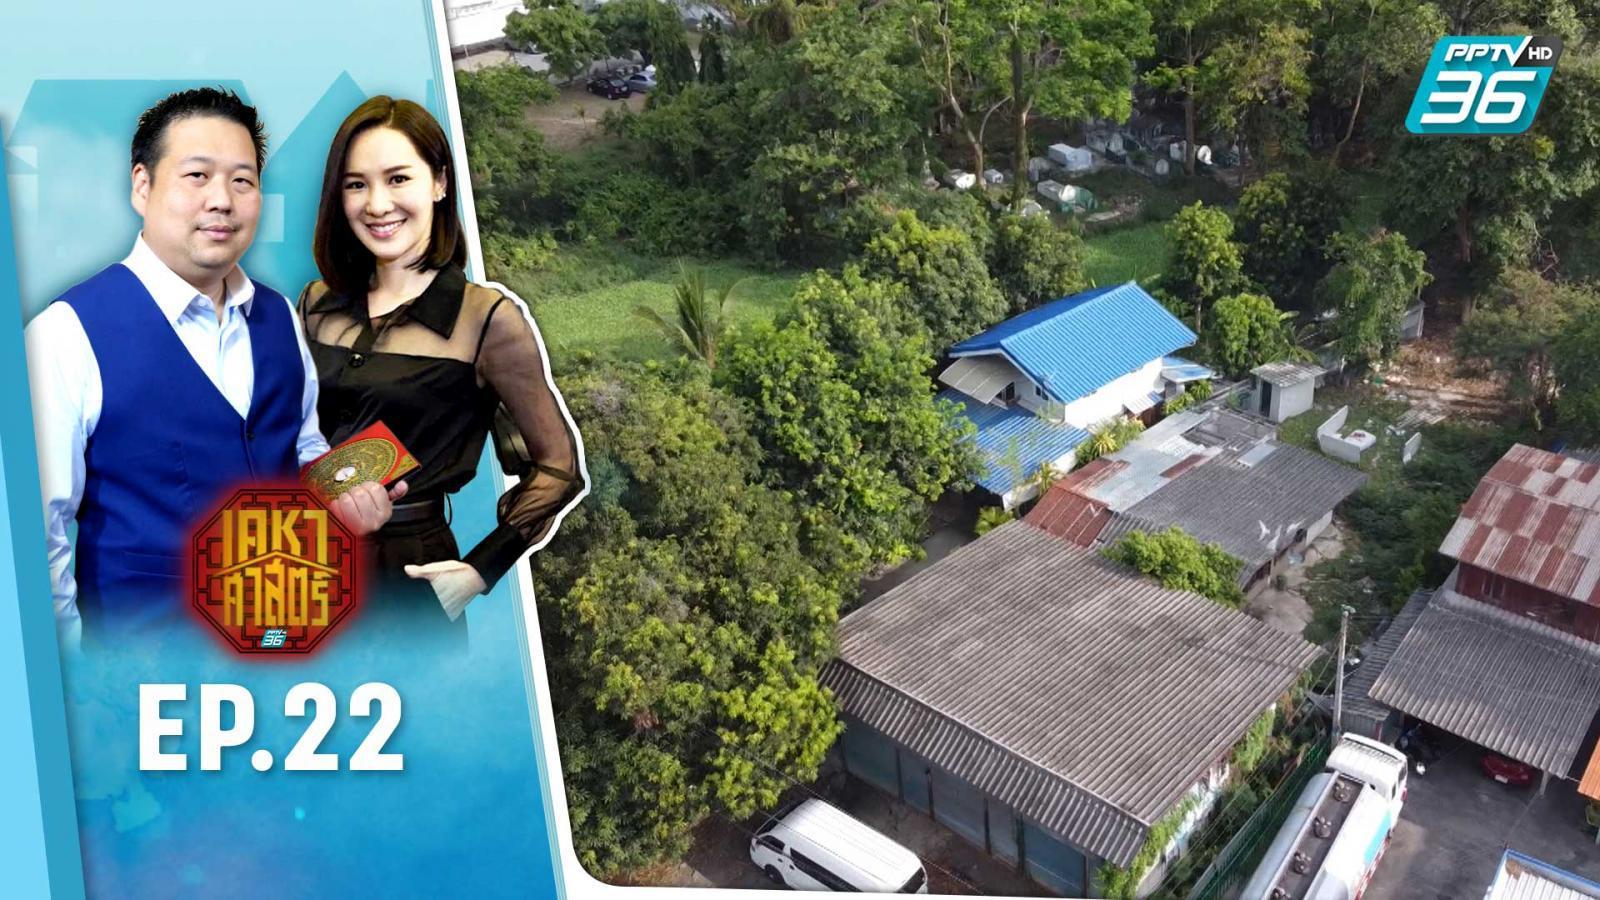 เคหาศาสตร์ | ตี่ลี่ ฮวงจุ้ย | ตอน บ้านที่ผิดหลักตี่ลี่ ฮวงจุ้ย EP.22 | PPTV HD 36